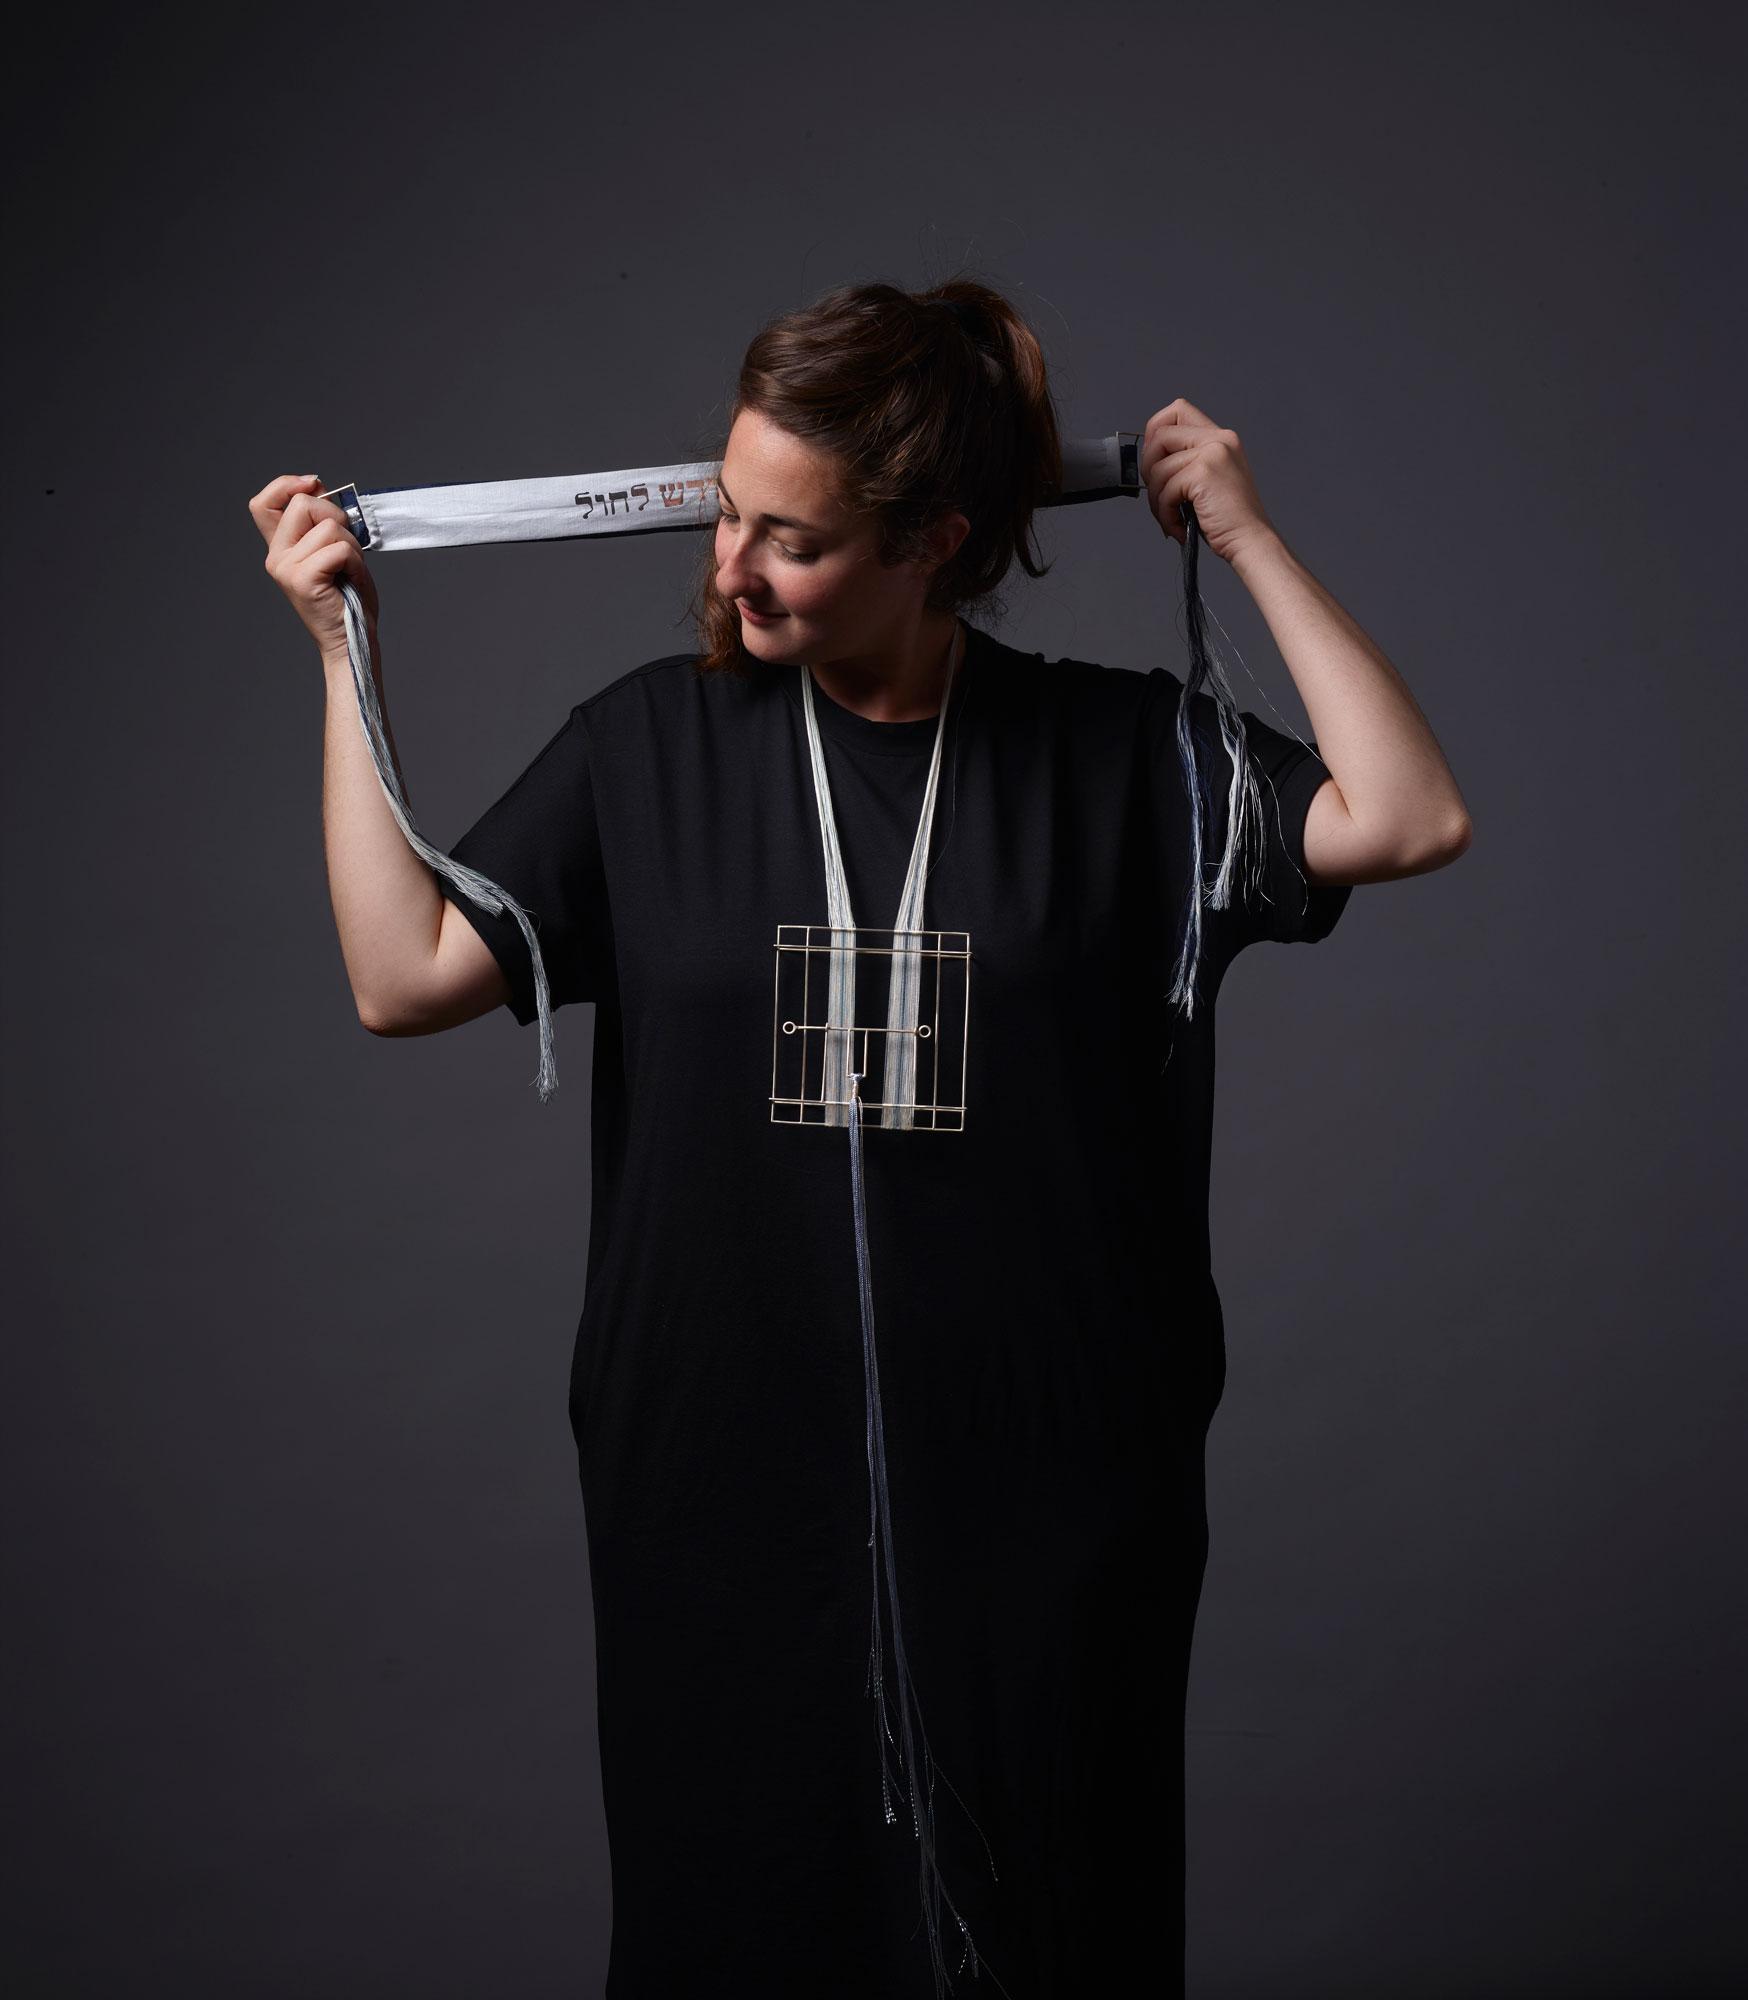 Ha Mavdil - Open Neck Piece 2017 | Tamar Paley | Luz Art Los Angeles, CA